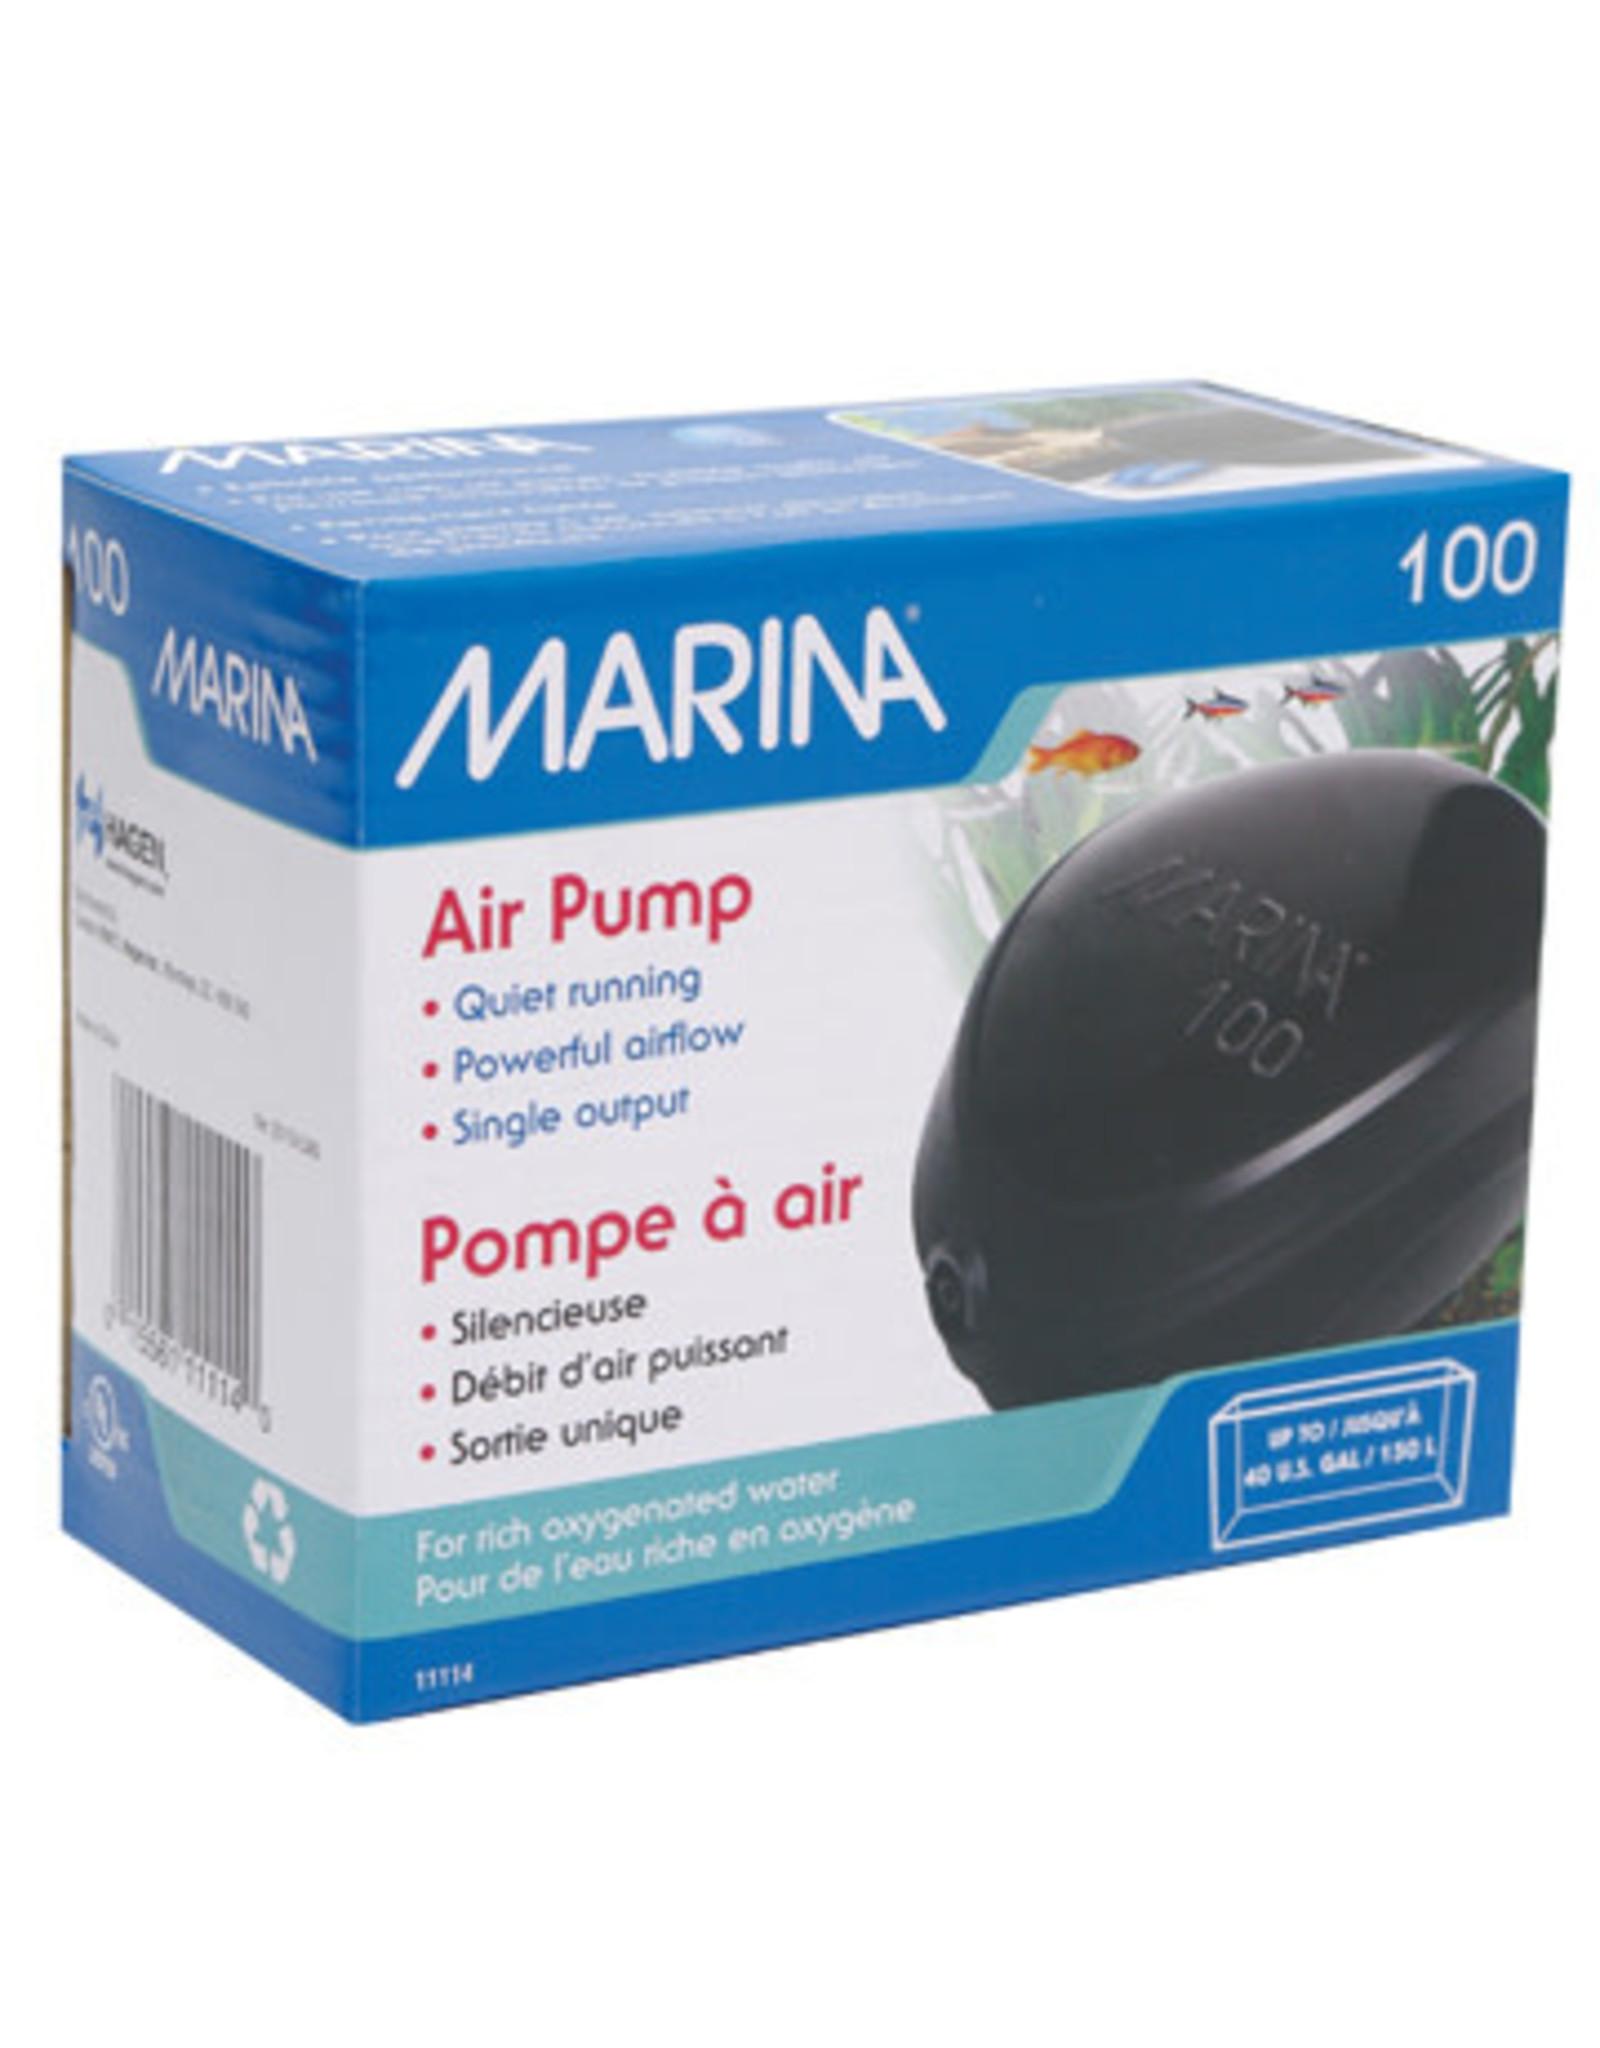 Marina Marina 100 Air pump - 40 US gal (150 L)